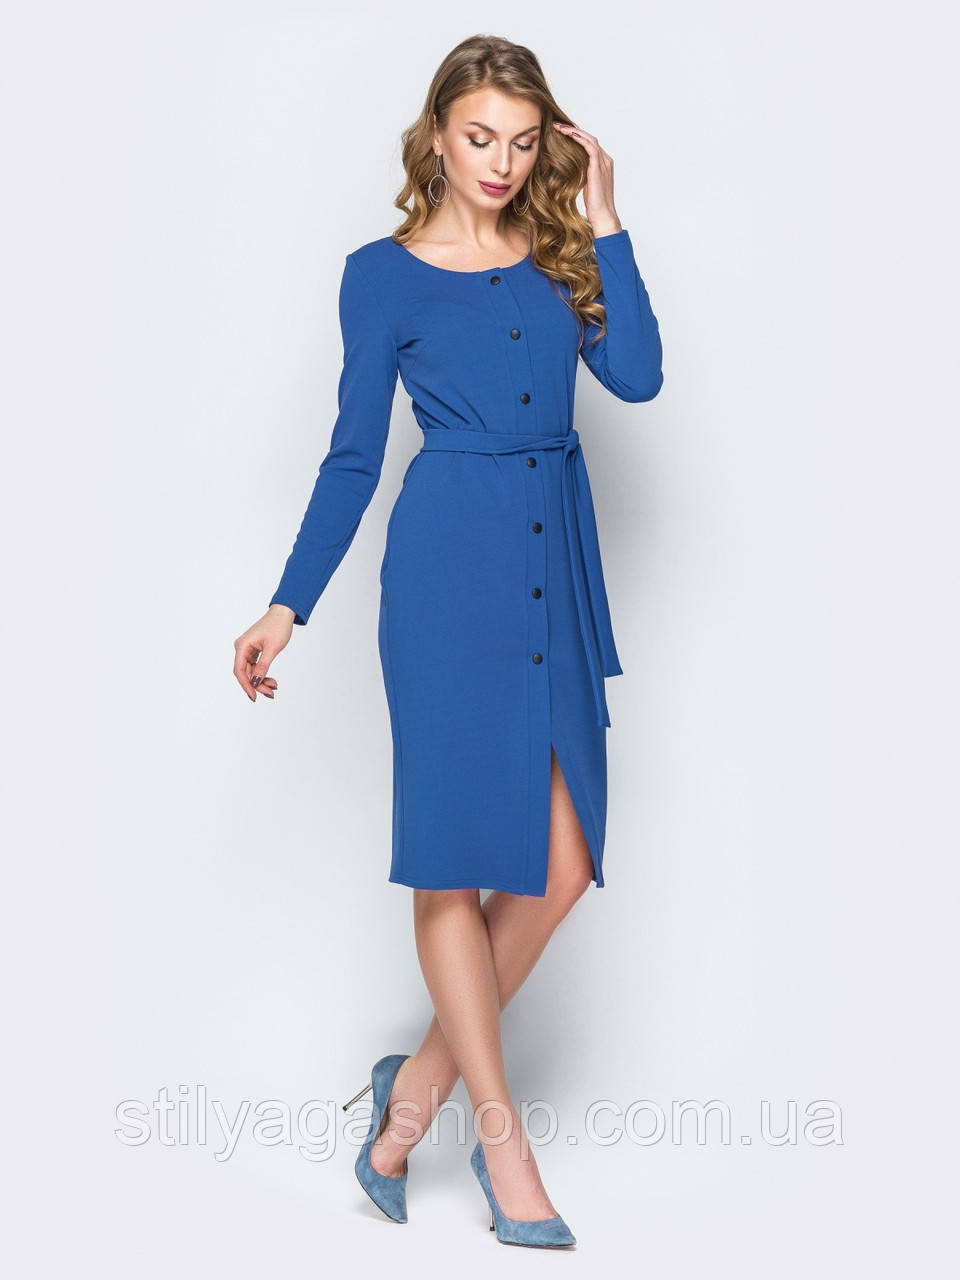 44/S Платье-футляр с длинным рукавом застегивается на пуговицы по планке и поясом в комплекте